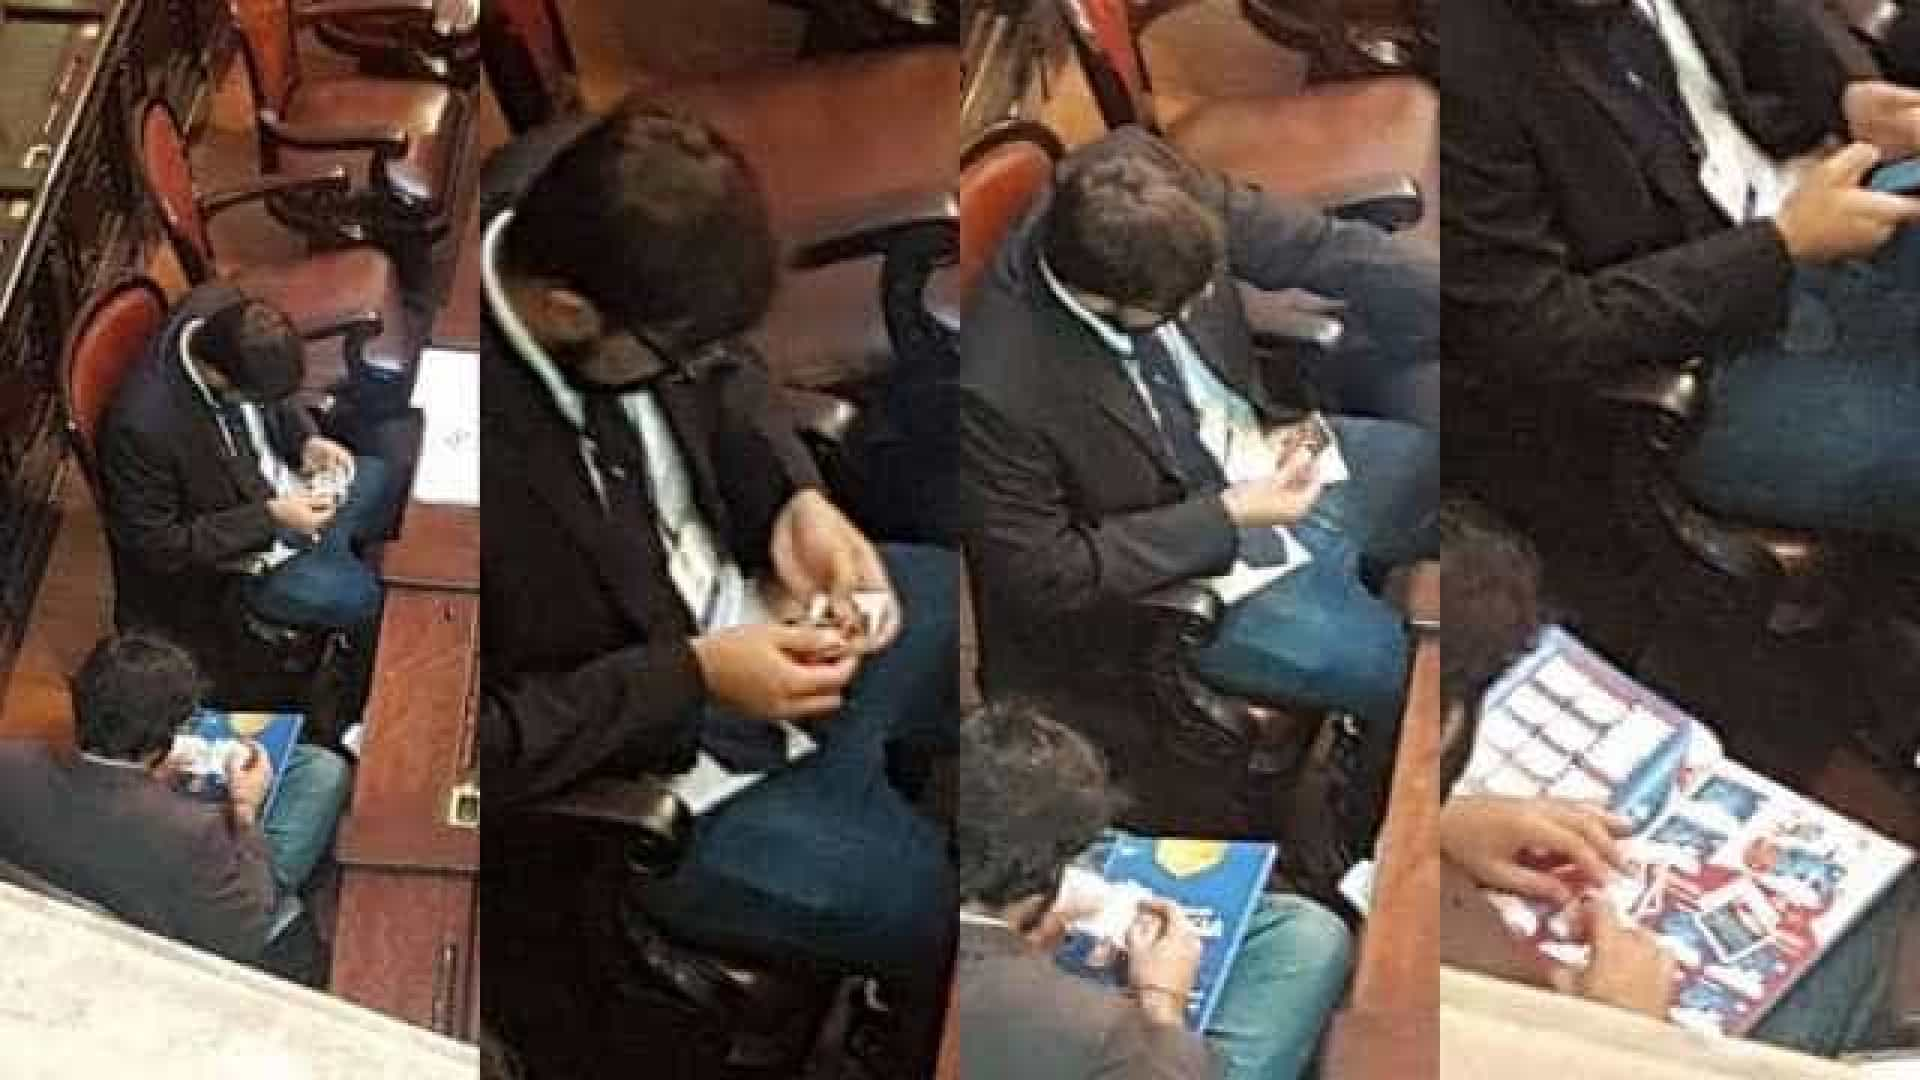 RJ: Assessores de deputados trocam figurinhas da Copa durante sessão na Alerj